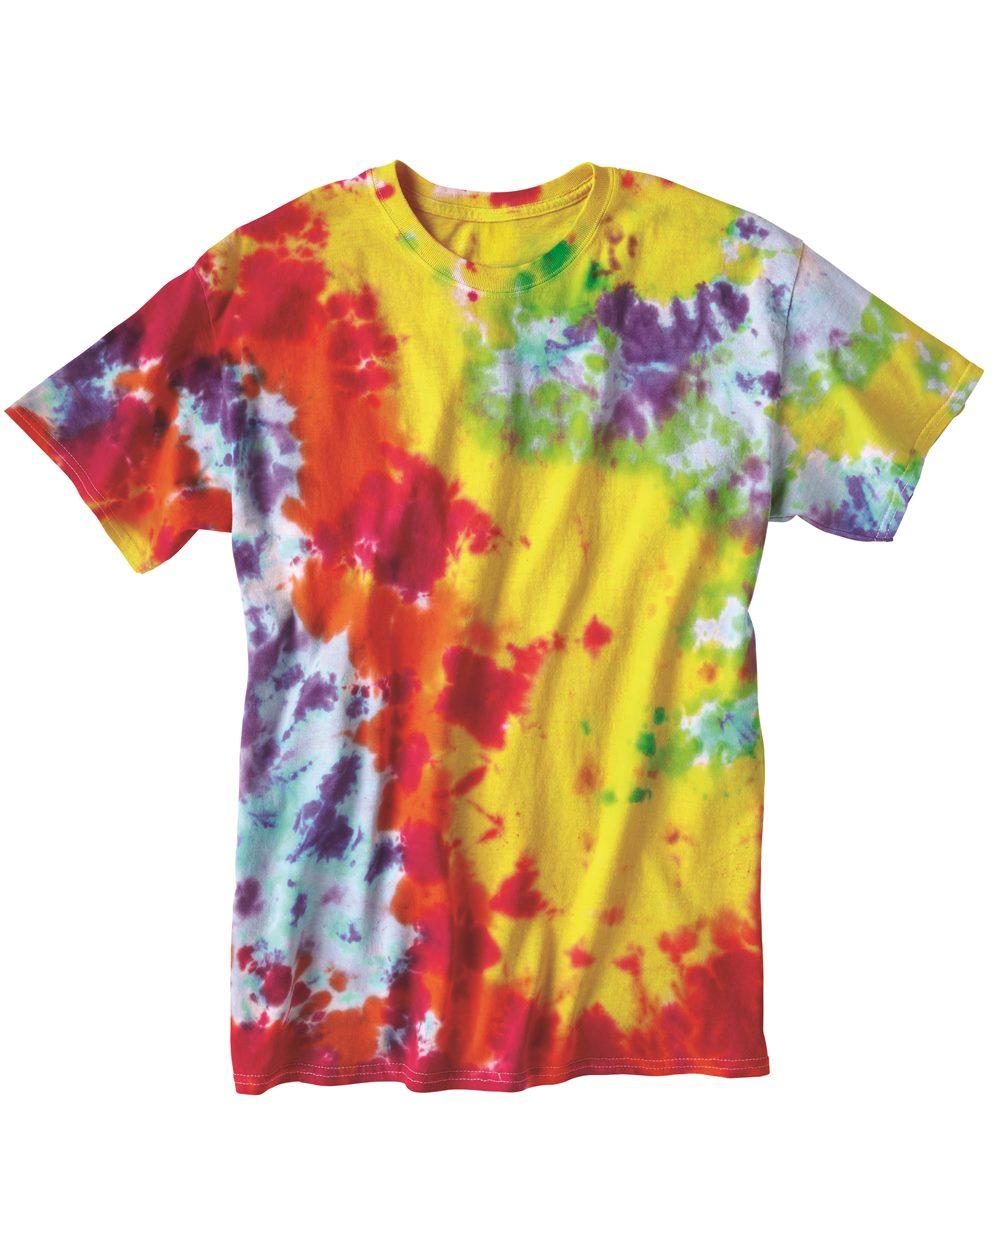 Dyenomite 200NV - Novelty Tie Dye T-Shirt